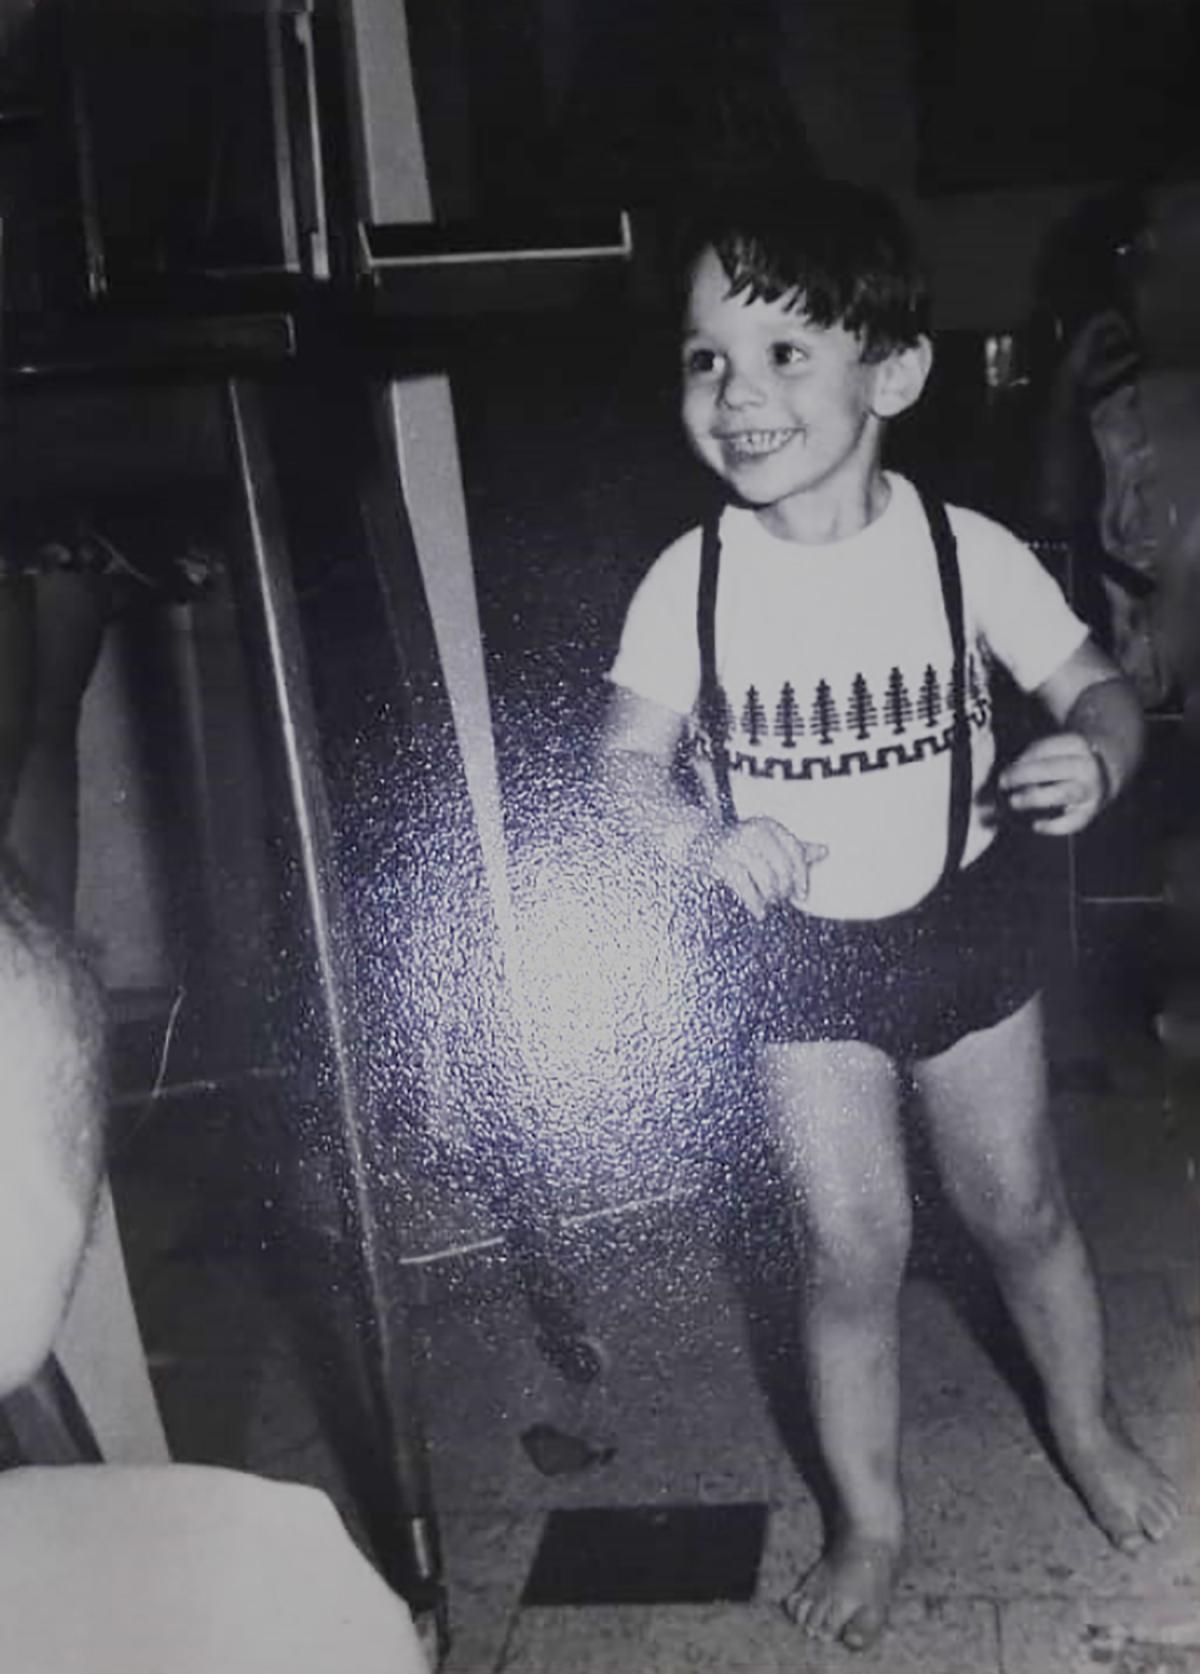 Foto de fernando hidalgo de niño canal 9 mendoza